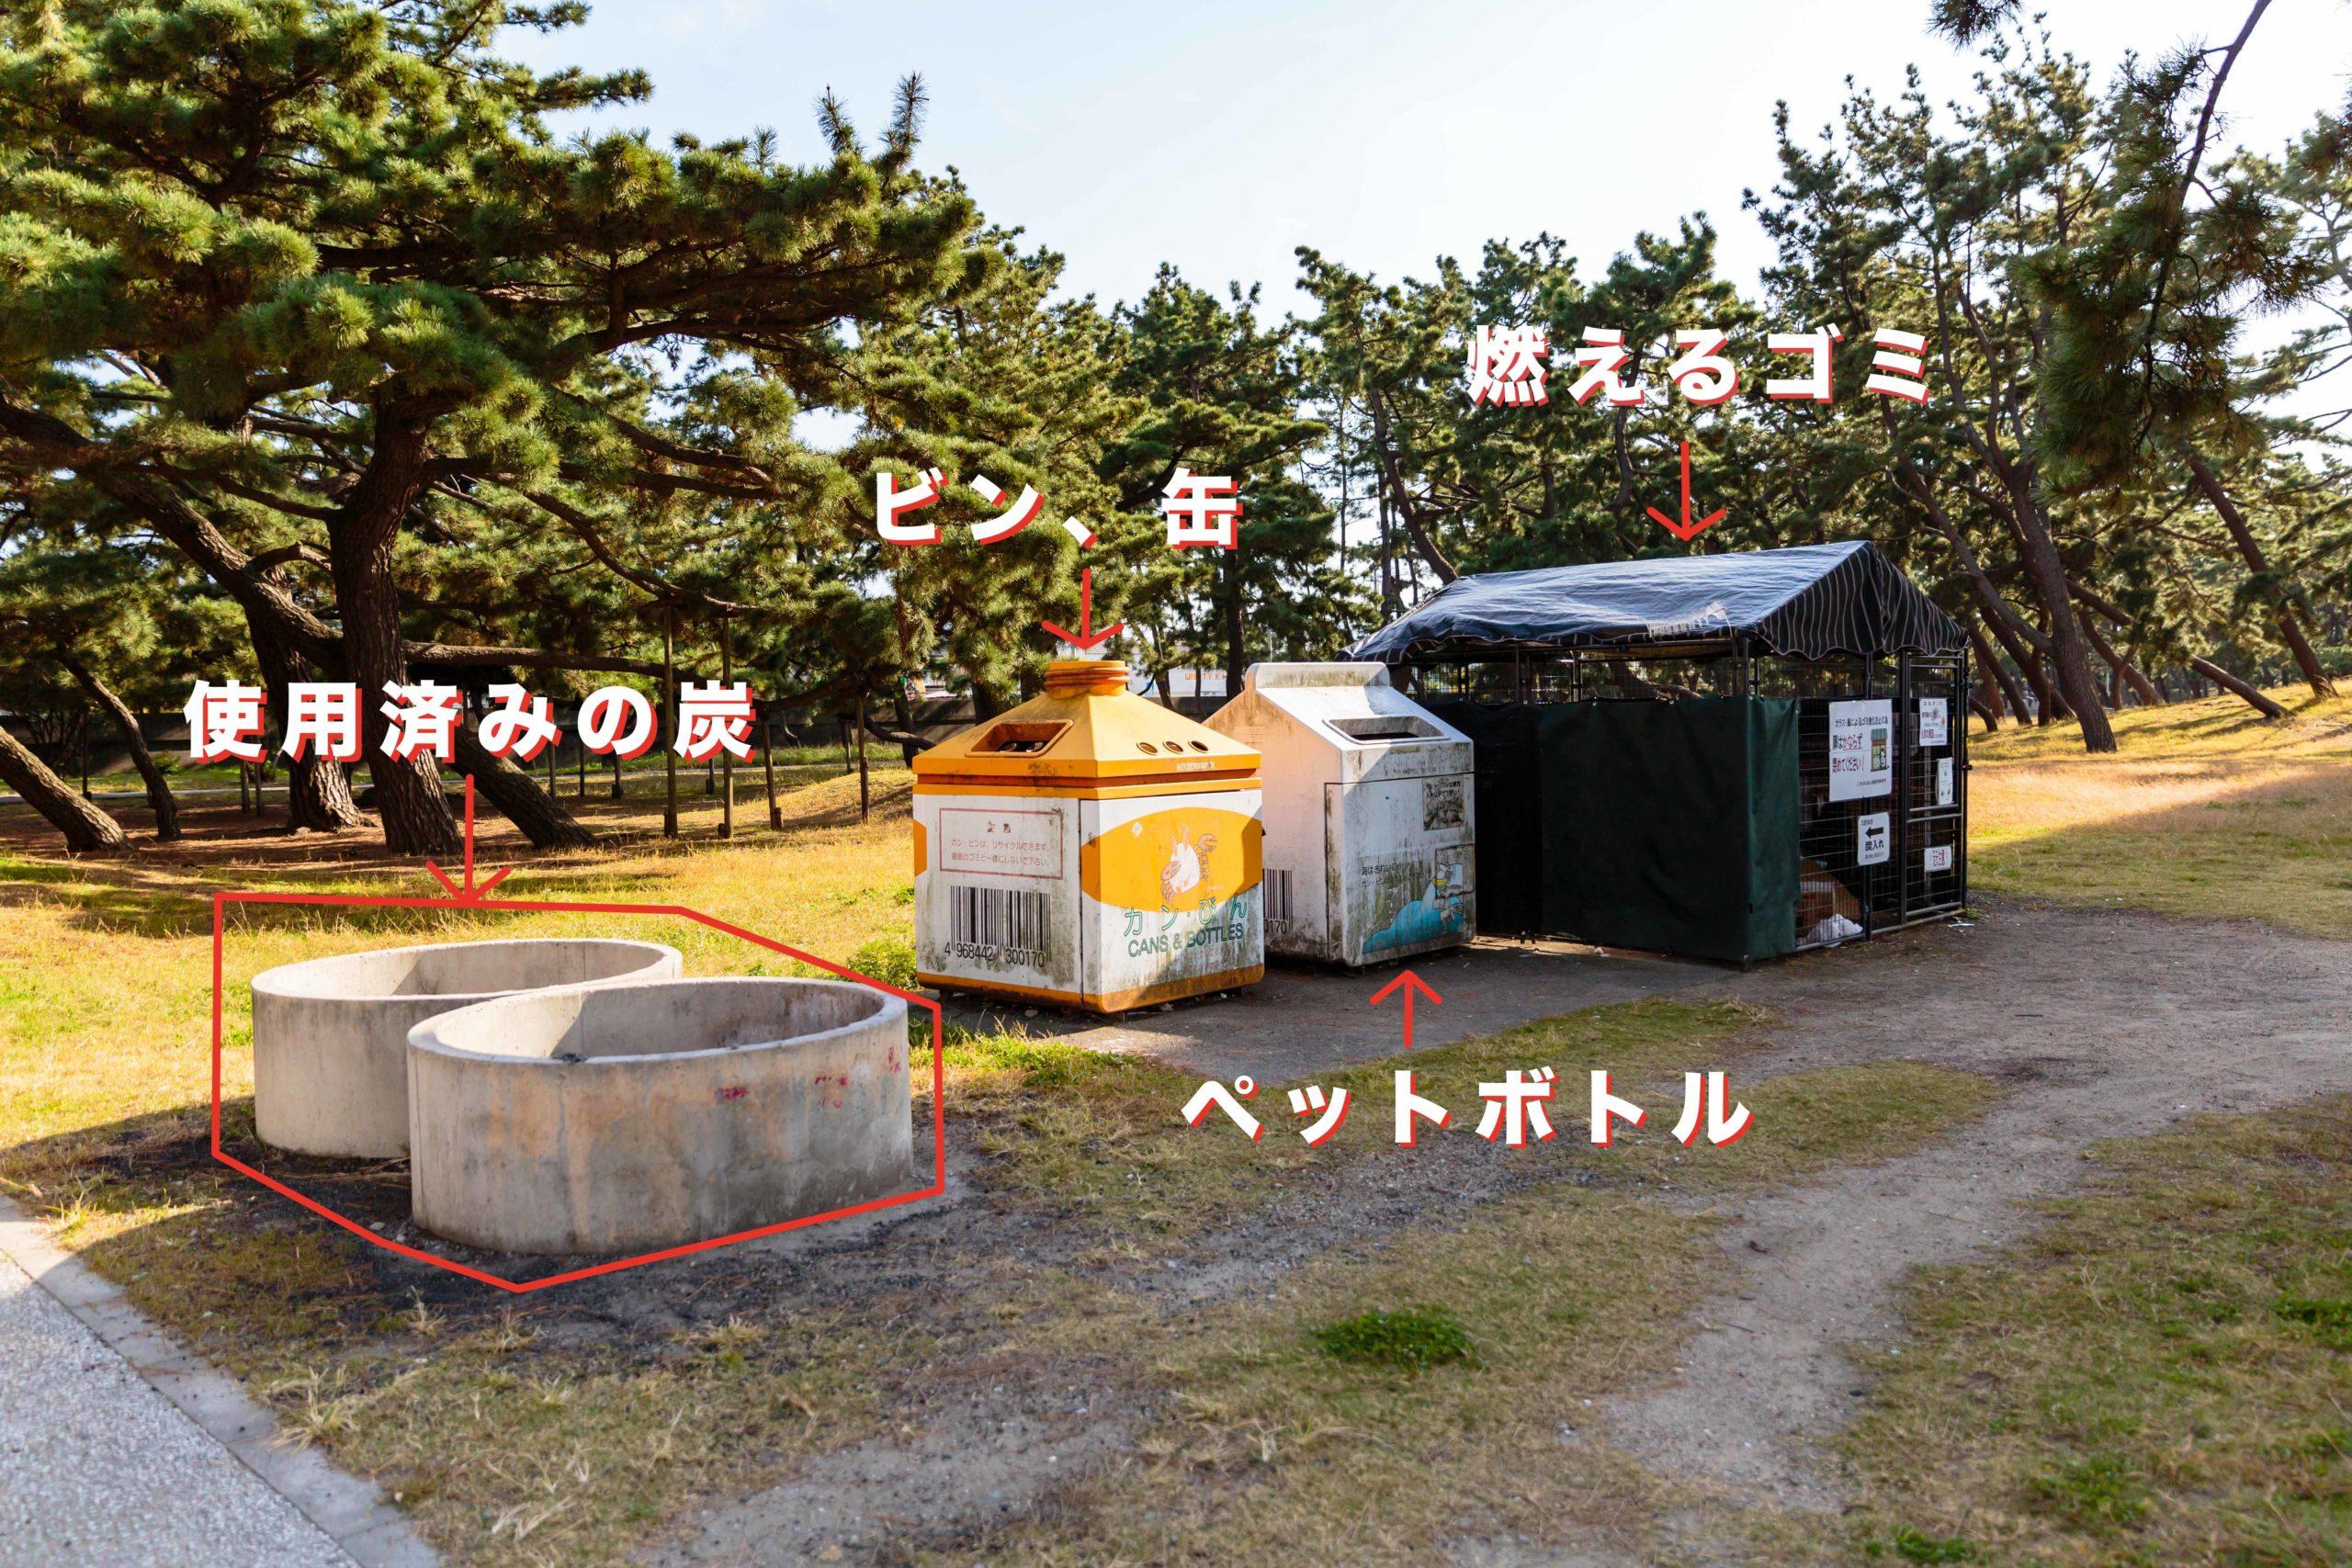 二色の浜公園沢地区芝生広場付近のゴミ捨て場、トイレ